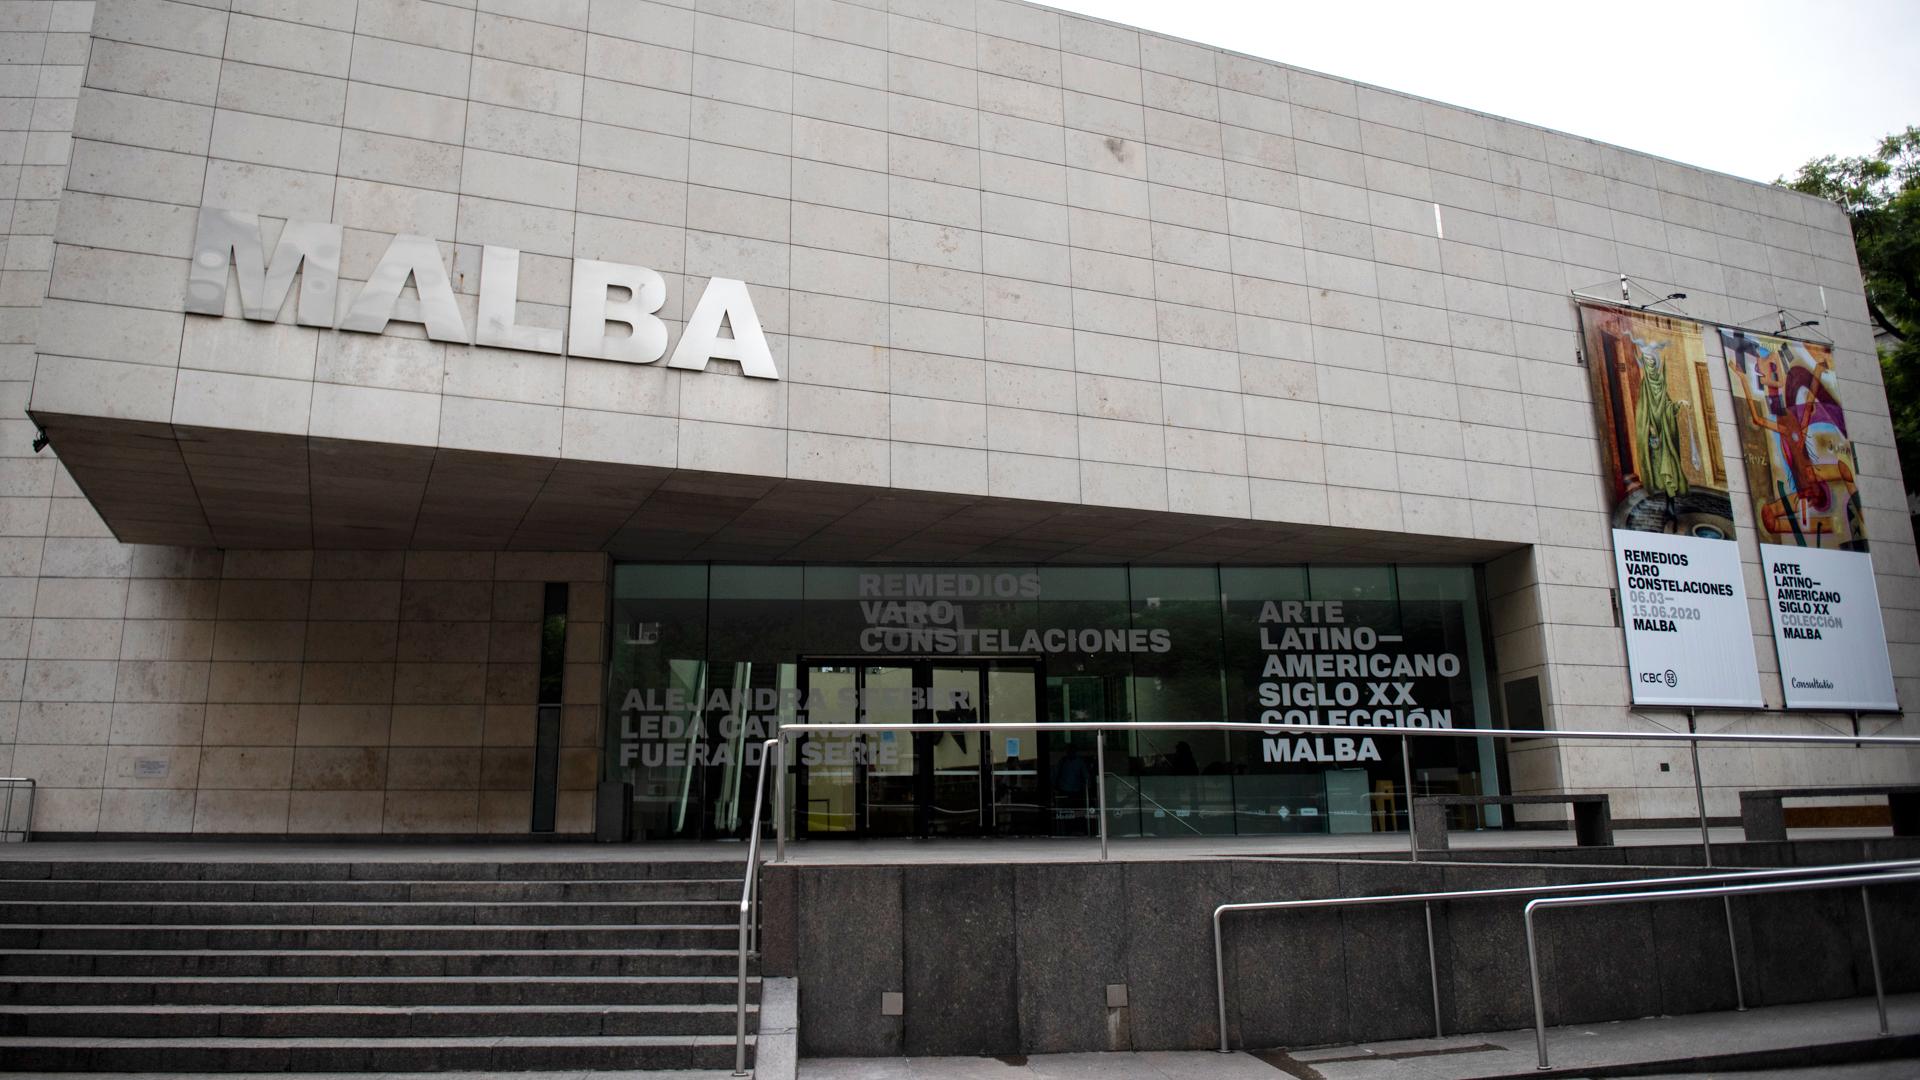 El Malba difundió un comunicado en el que advirtió que se postergarán o se realizarán de forma remota actividades con invitados procedentes de los países con transmisión sostenida de Coronavirus